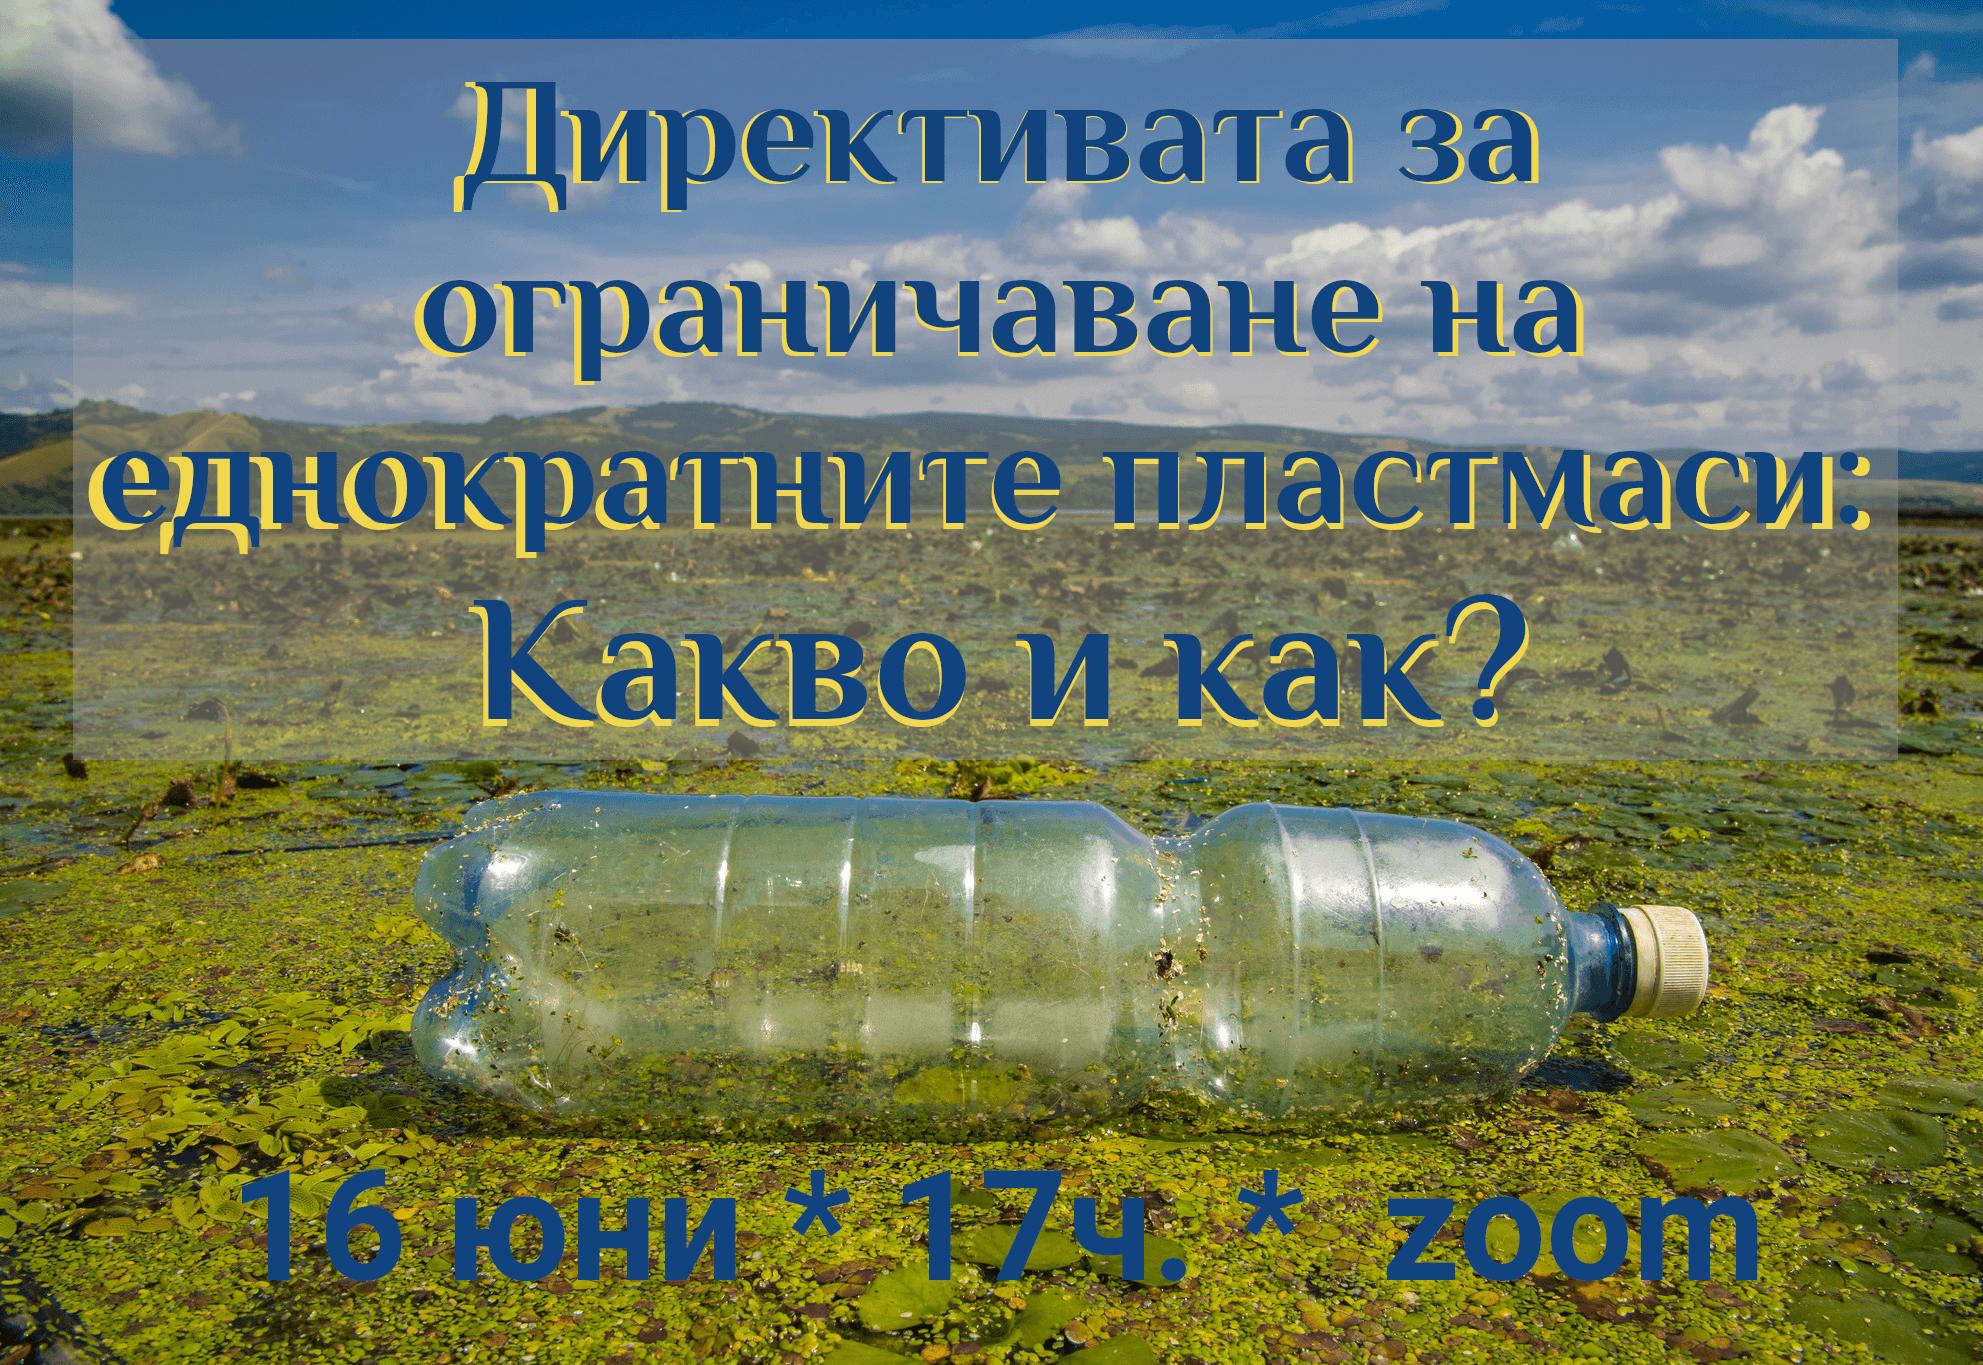 Уебинар: Директивта за ограничаване на еднократните пластмаси. Какво и как. 16 юни, 17ч.